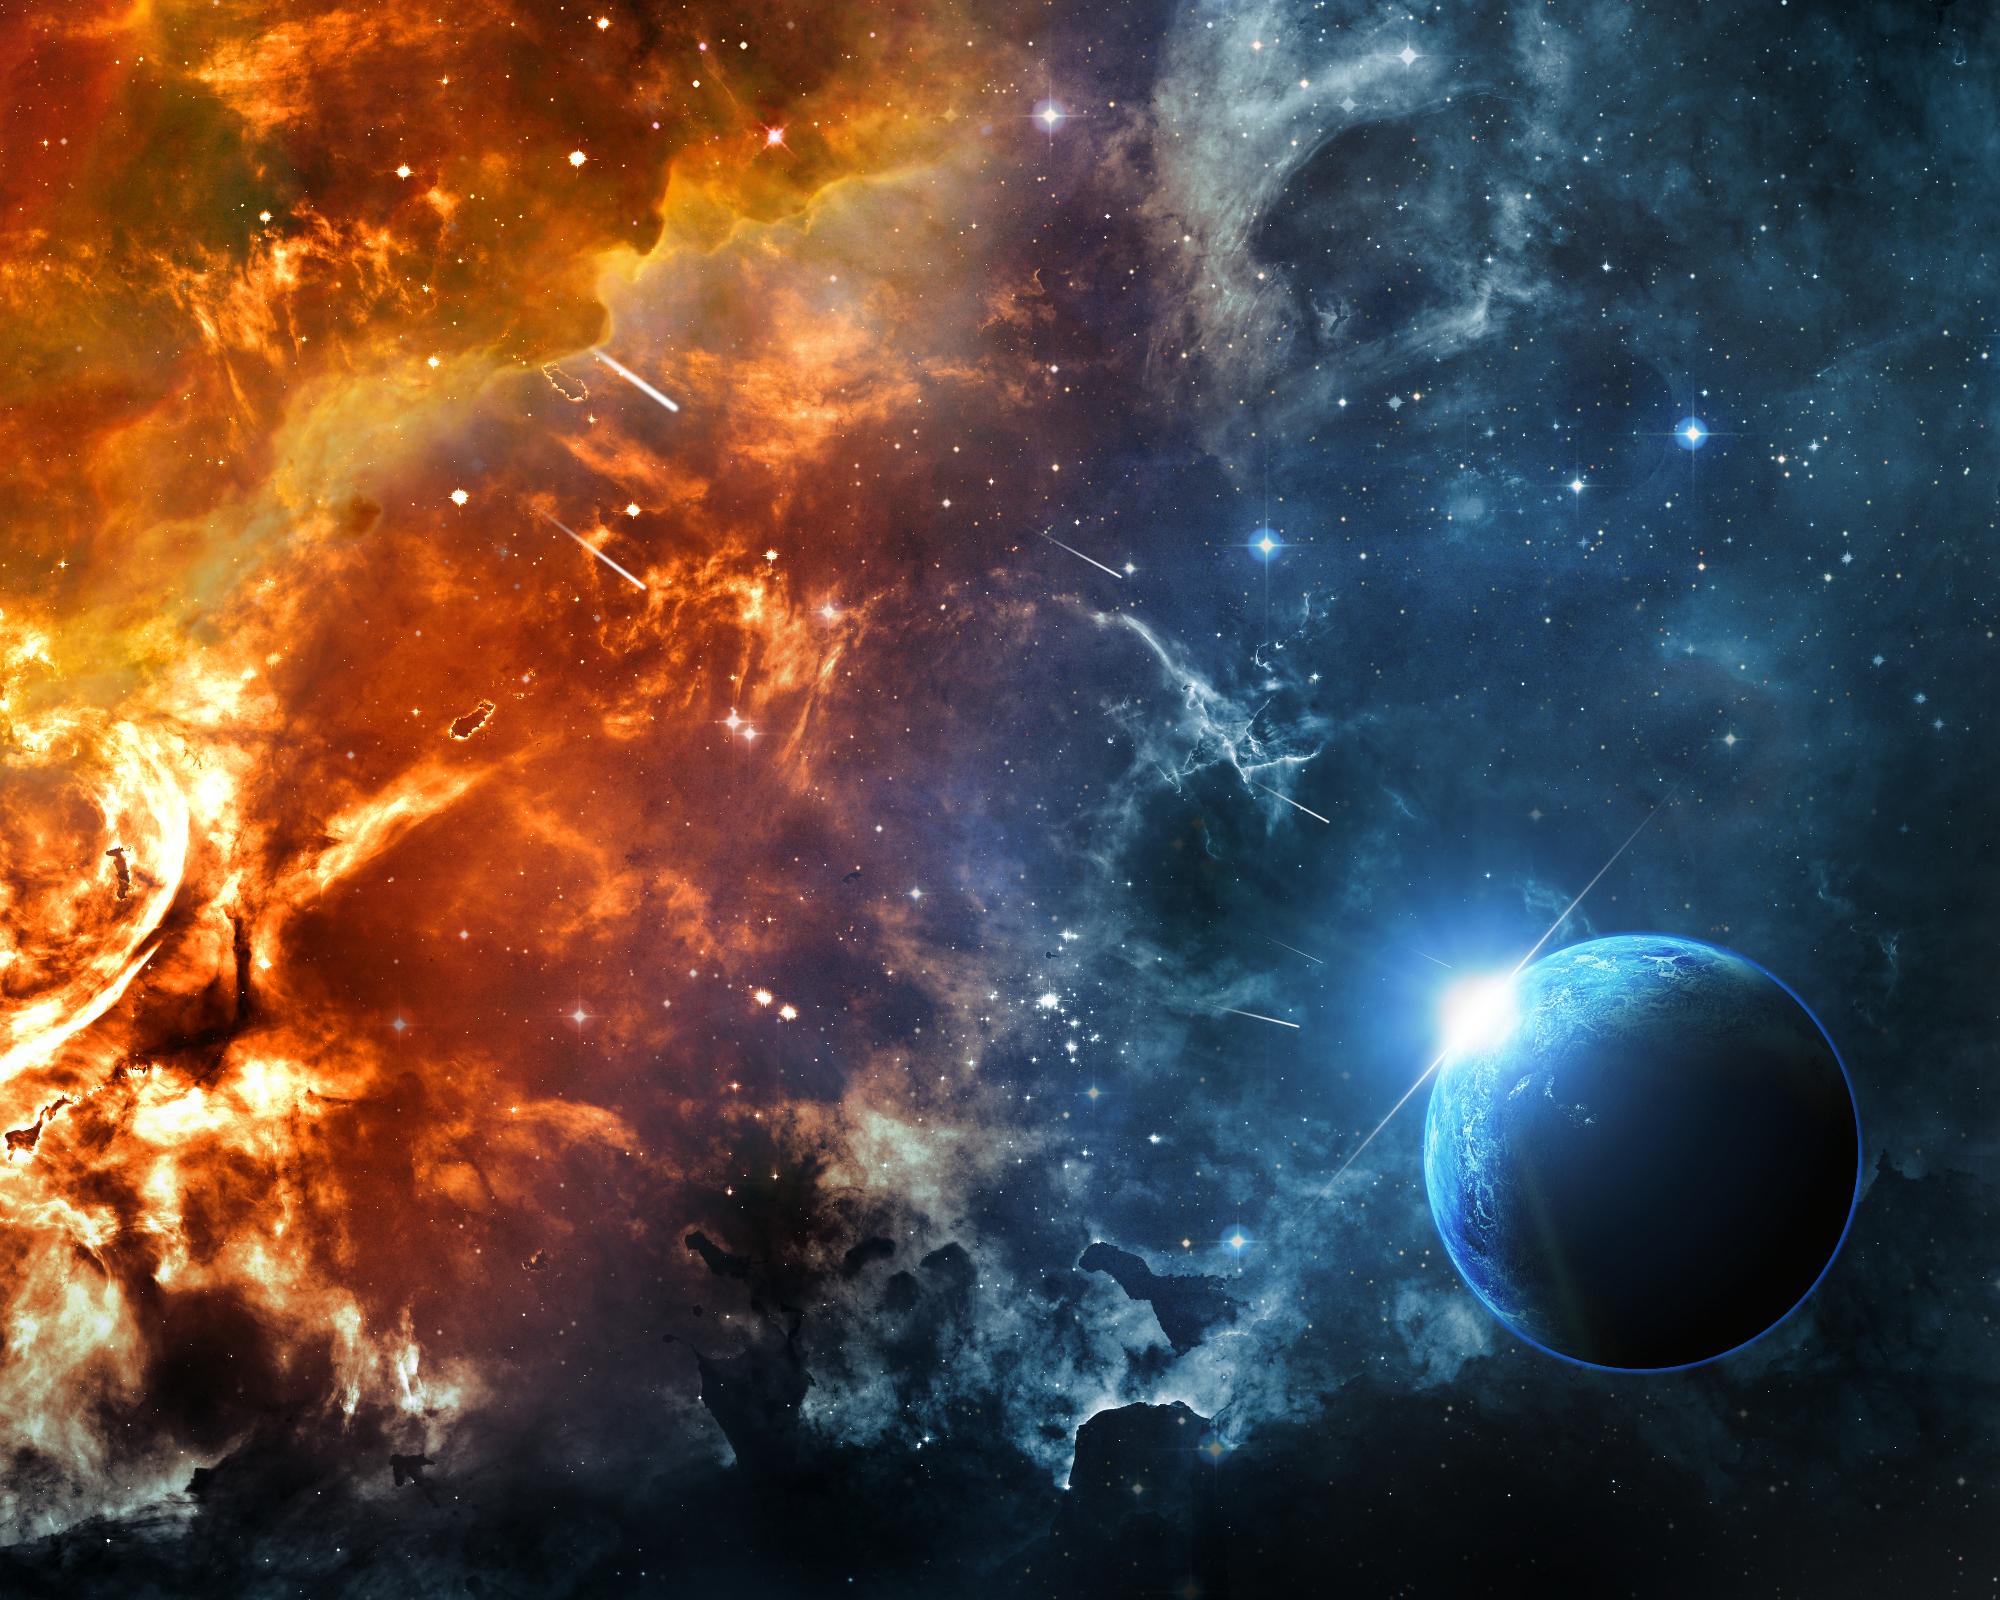 Обои Планета солнце туманность картинки на рабочий стол на тему Космос - скачать без смс